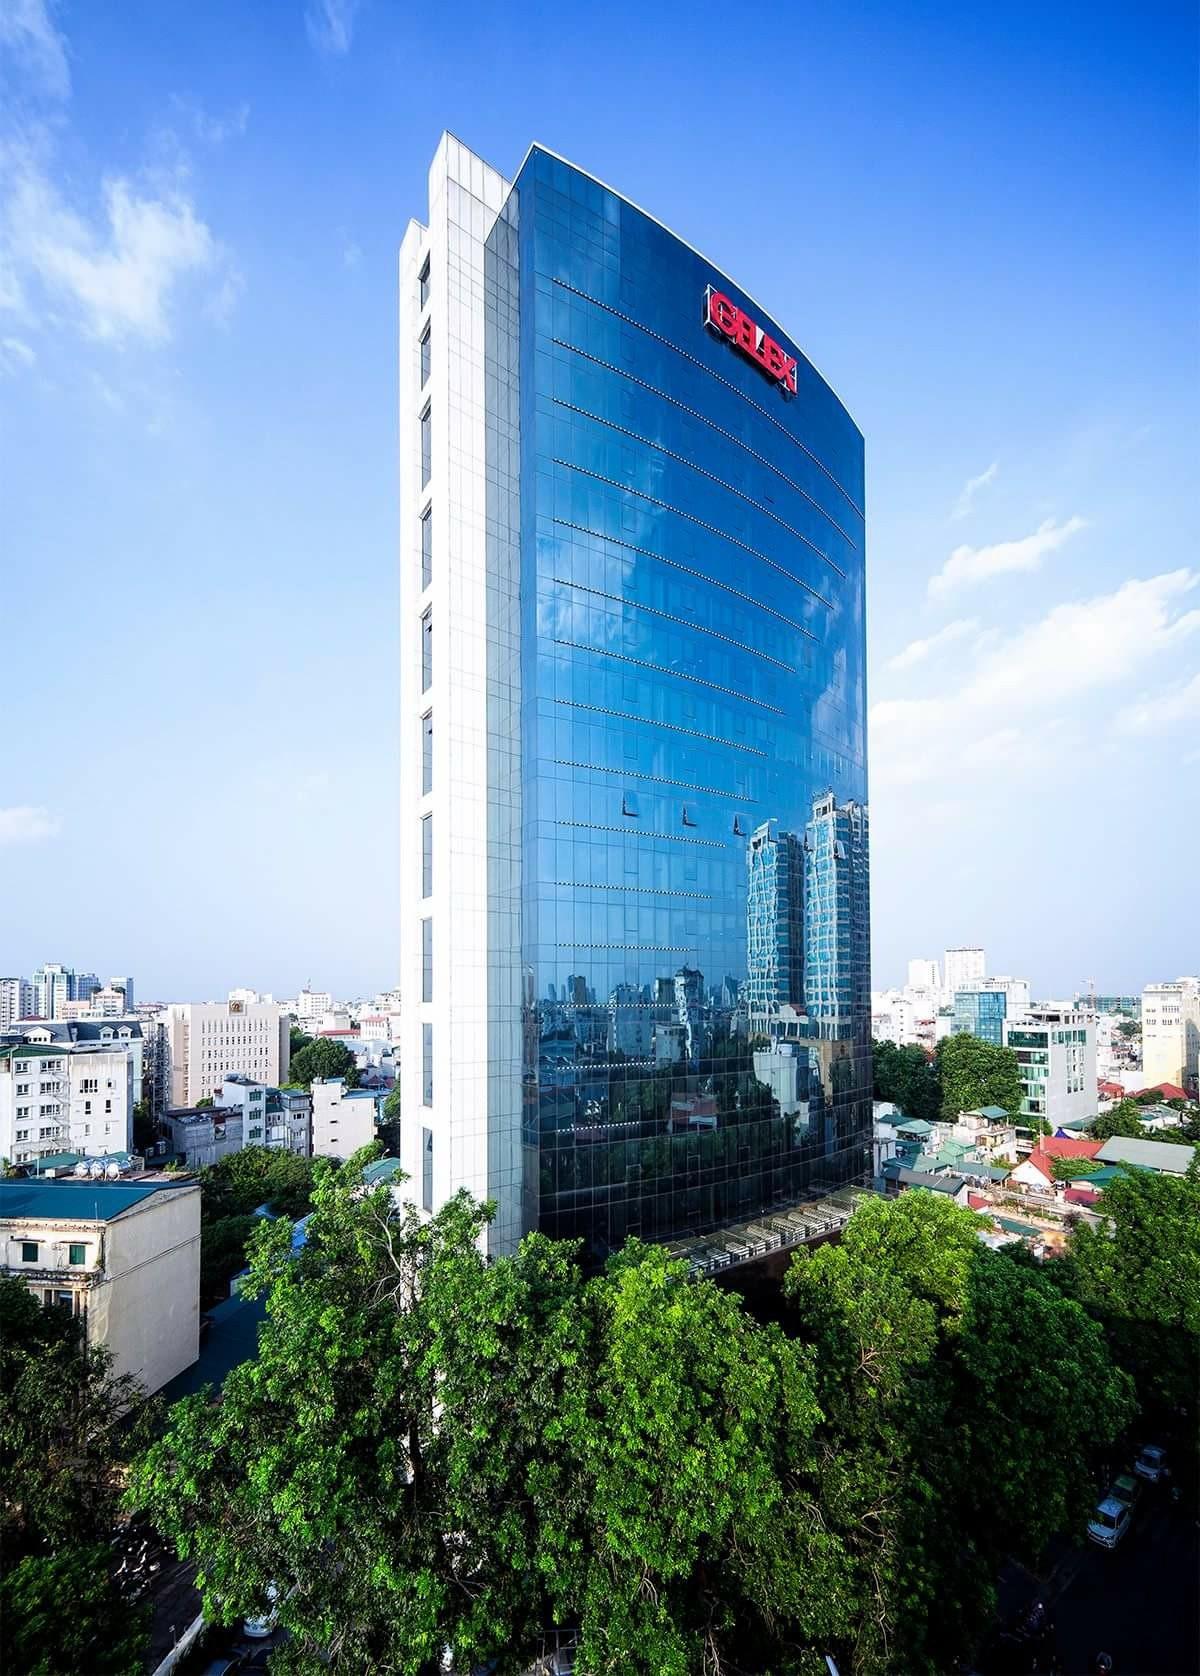 Bất ngờ ông chủ Công ty nước sạch Sông Đà là đại gia BĐS sở hữu khách sạn Melia cùng hàng loạt đất vàng tại Hà Nội-3